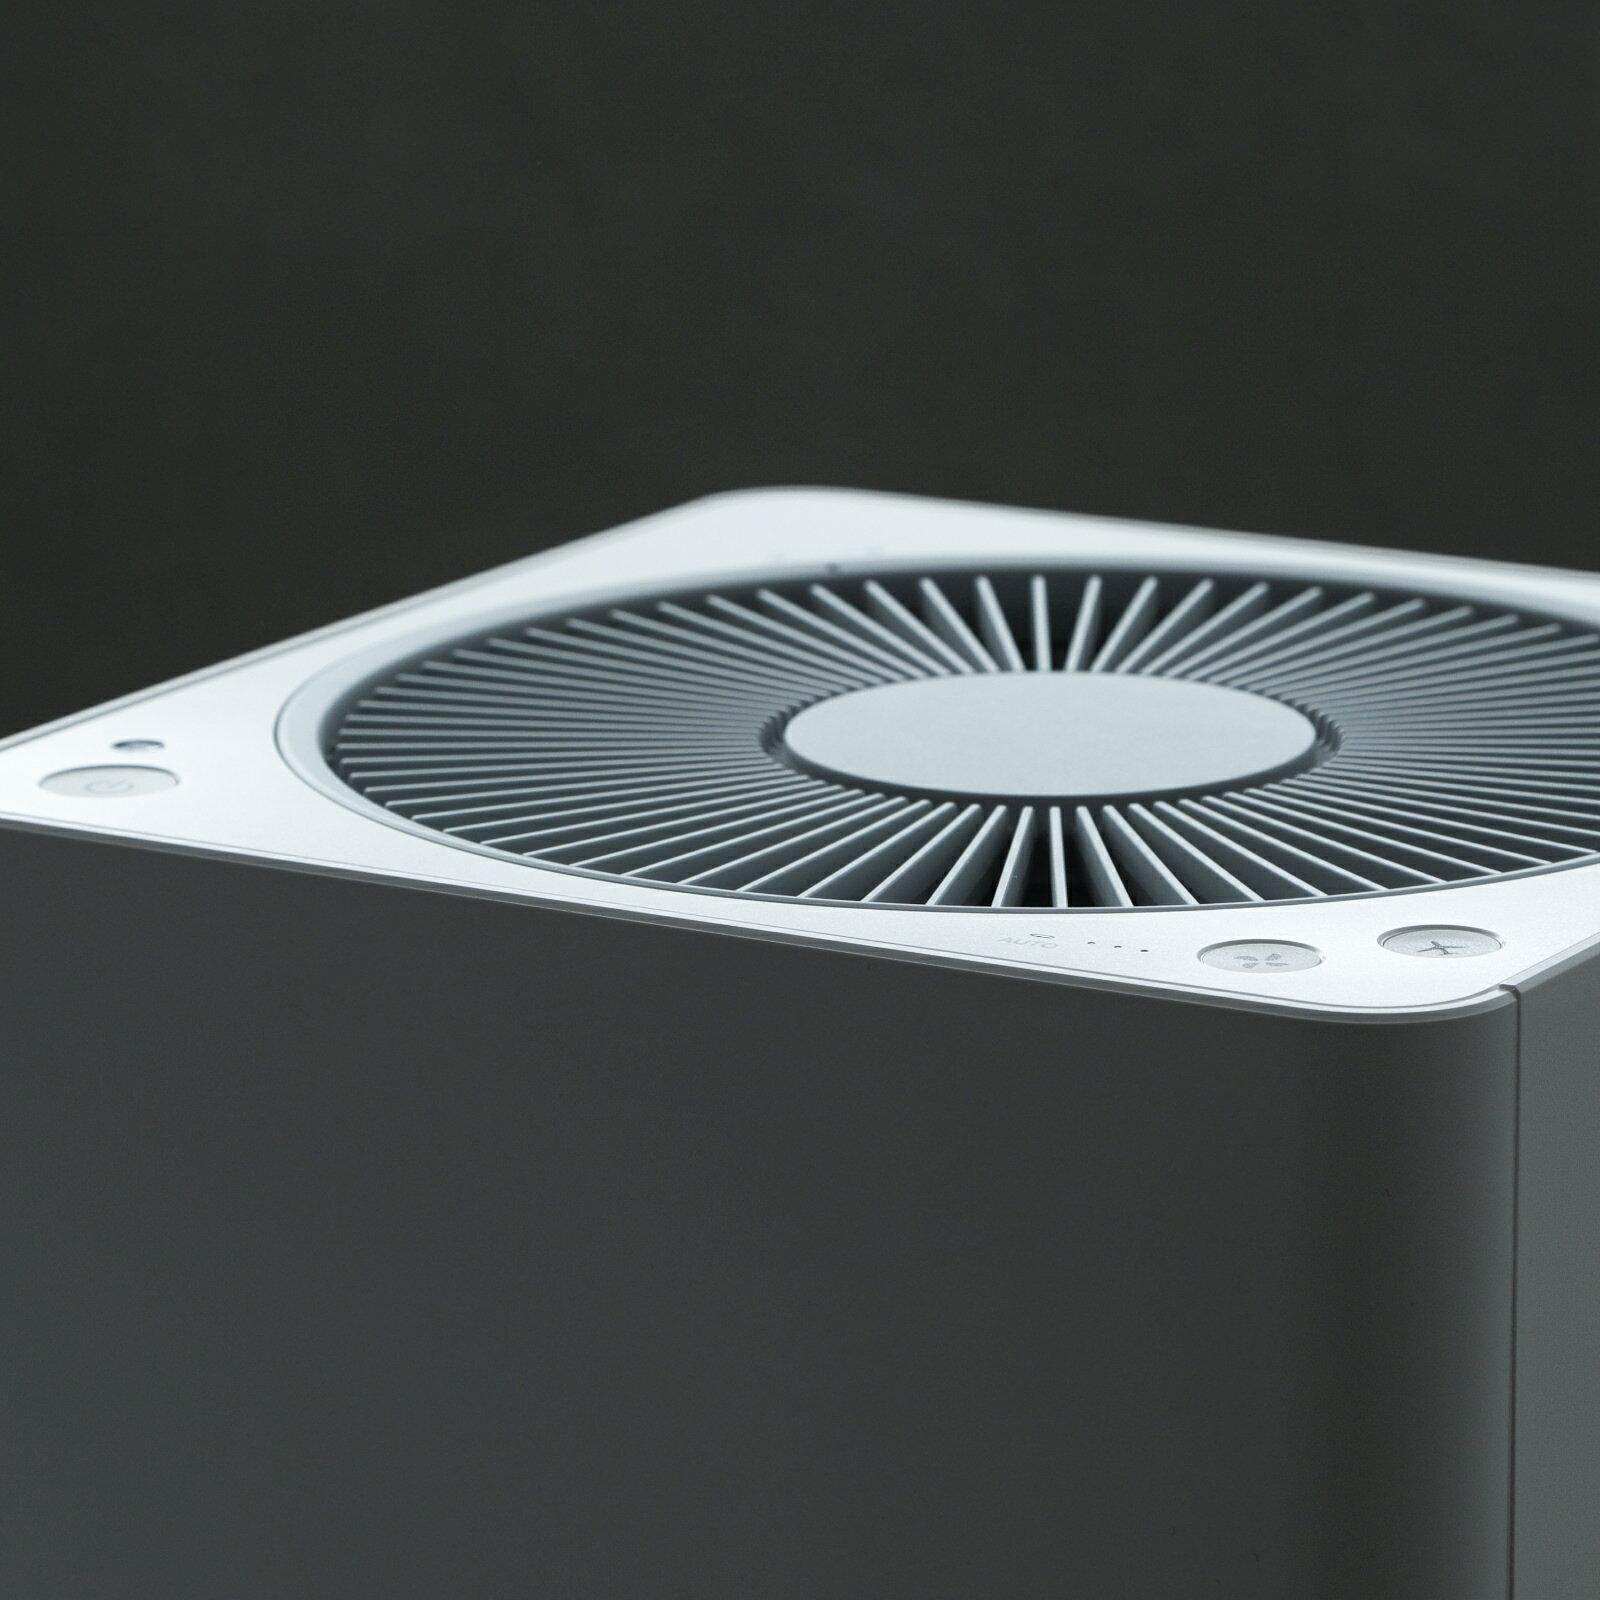 【日本BALMUDA】The Pure 二代空氣清淨機 原廠公司貨 3